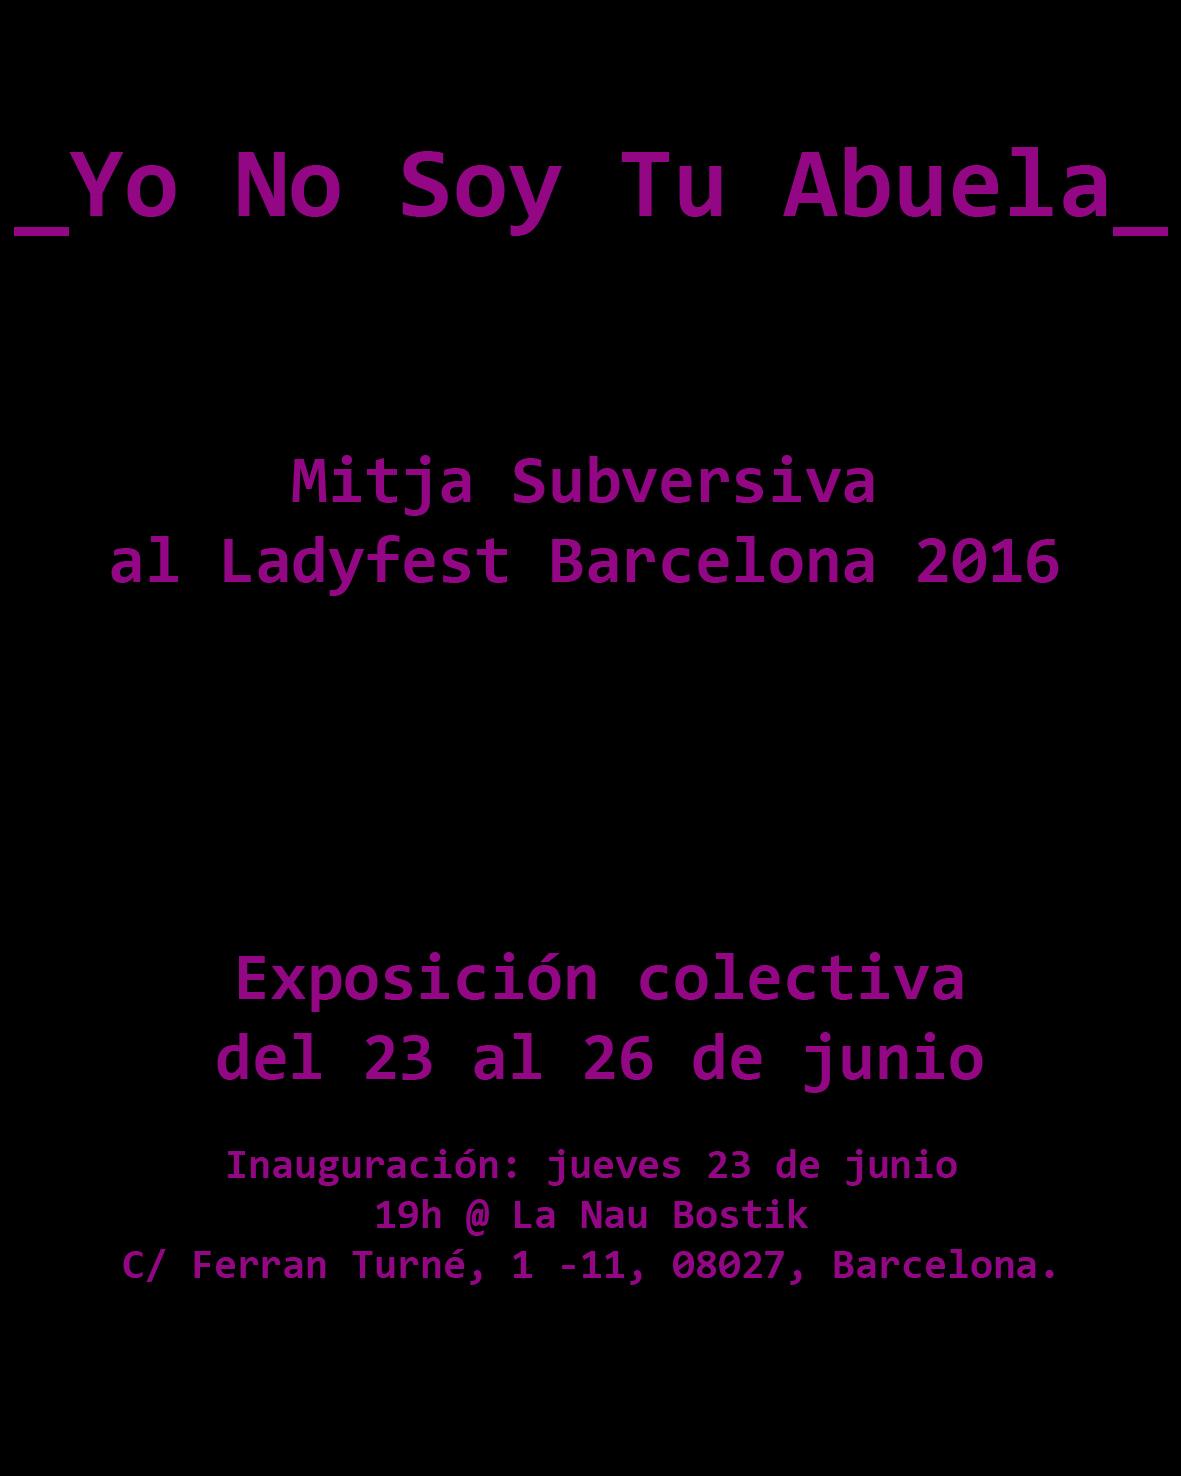 Yo no soy tu abuela: Exposición Ladyfest